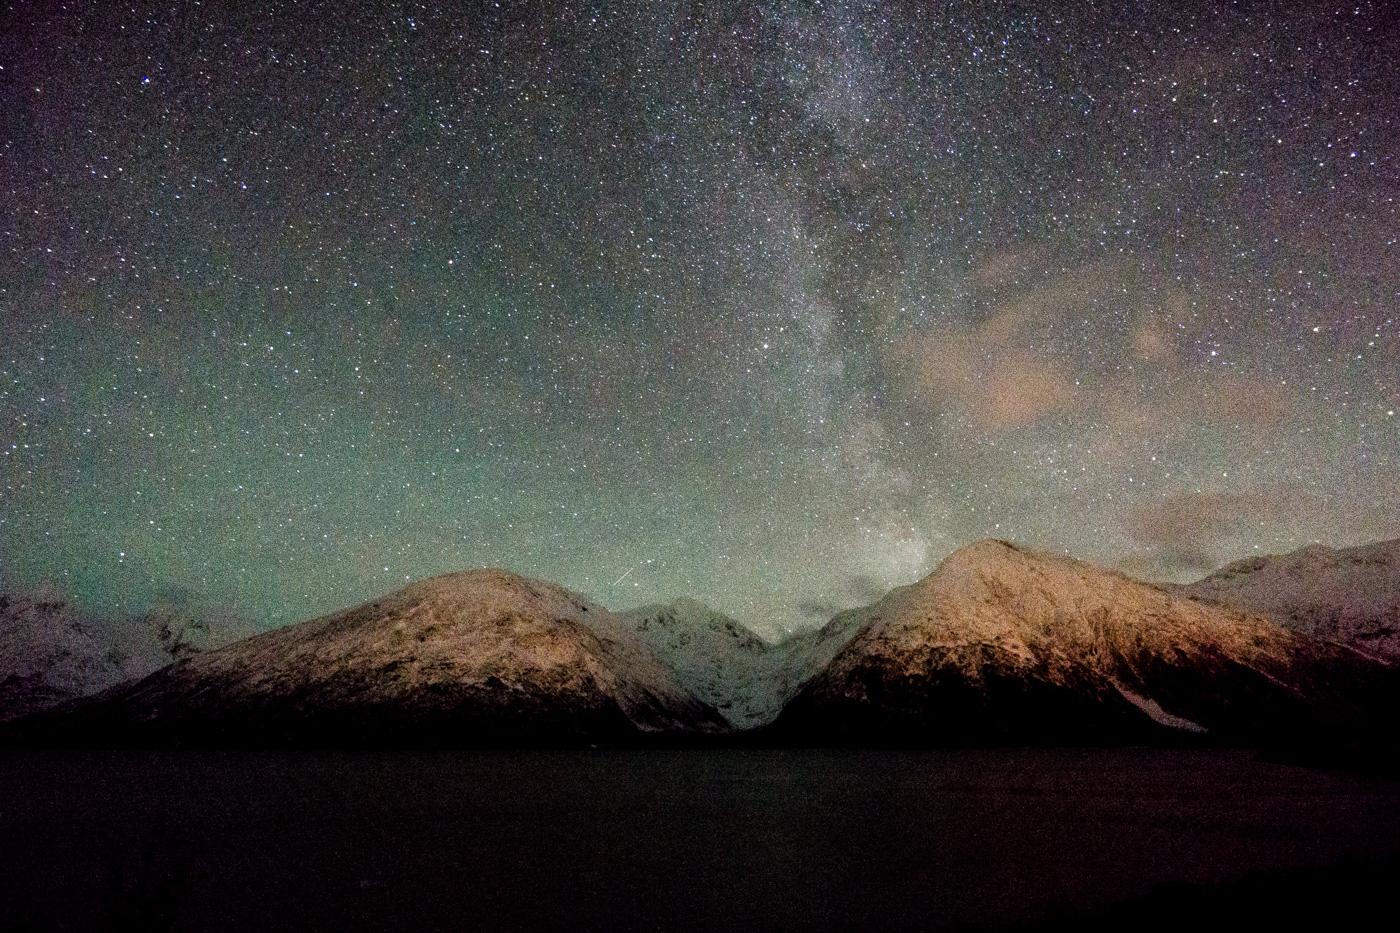 Sony a6000, Milky Way from Portage Alaska, 15s, f/4, ISO 6400